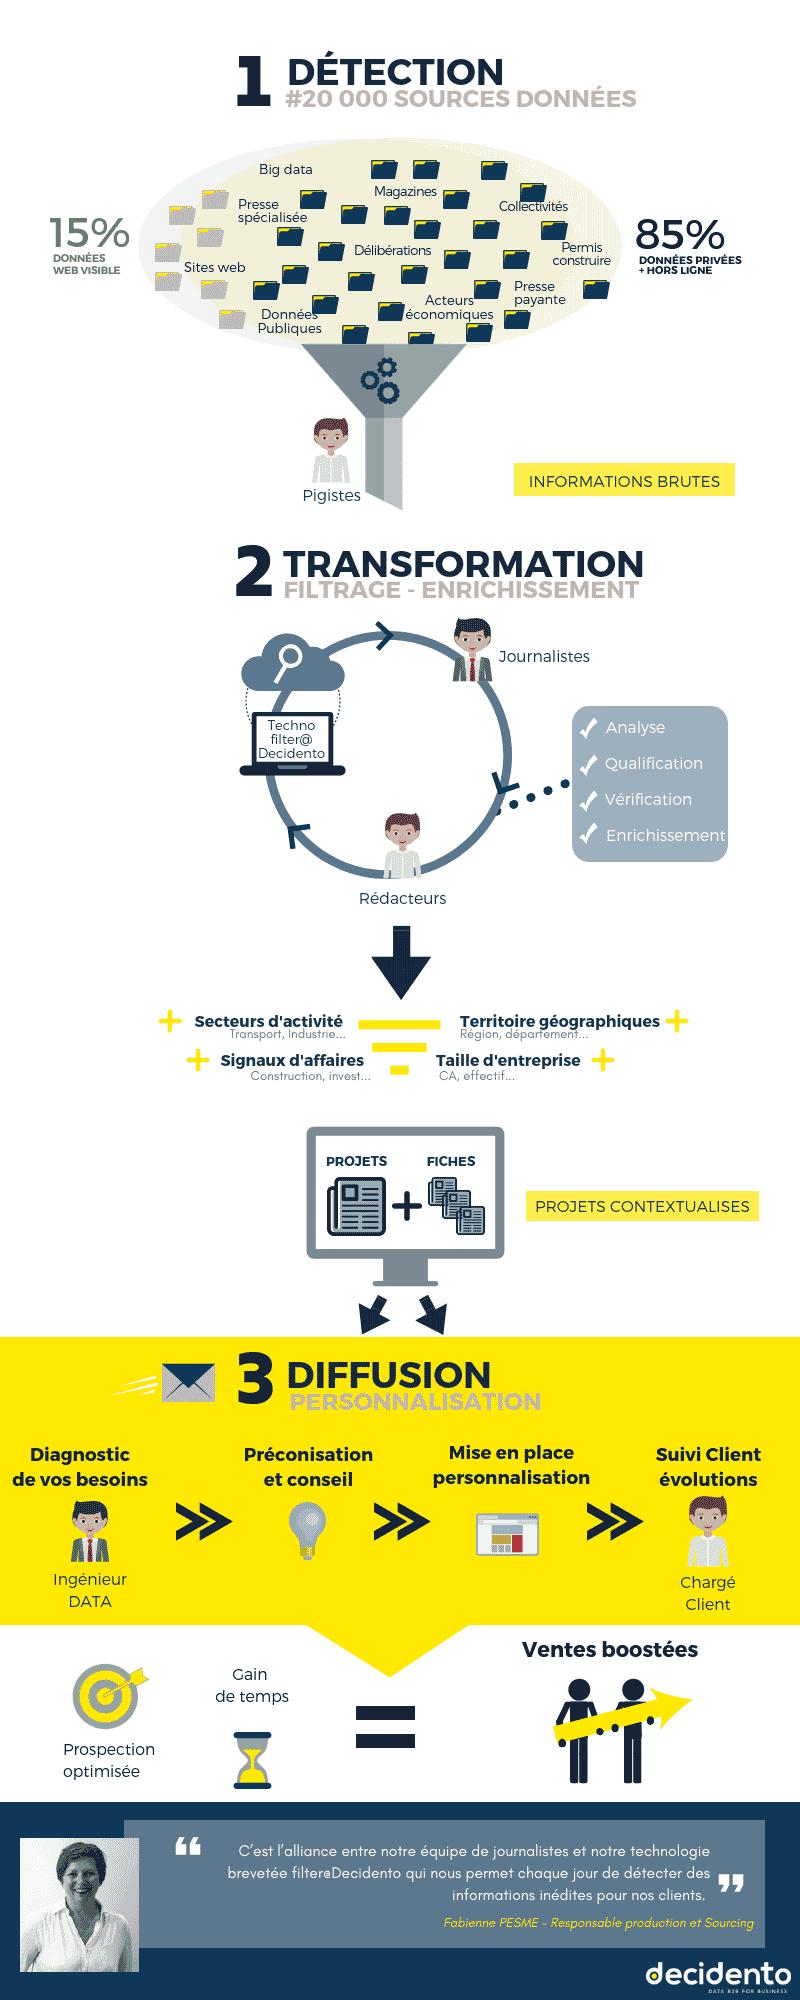 Process de détection, transformation et personnalisation de l'information inédite.